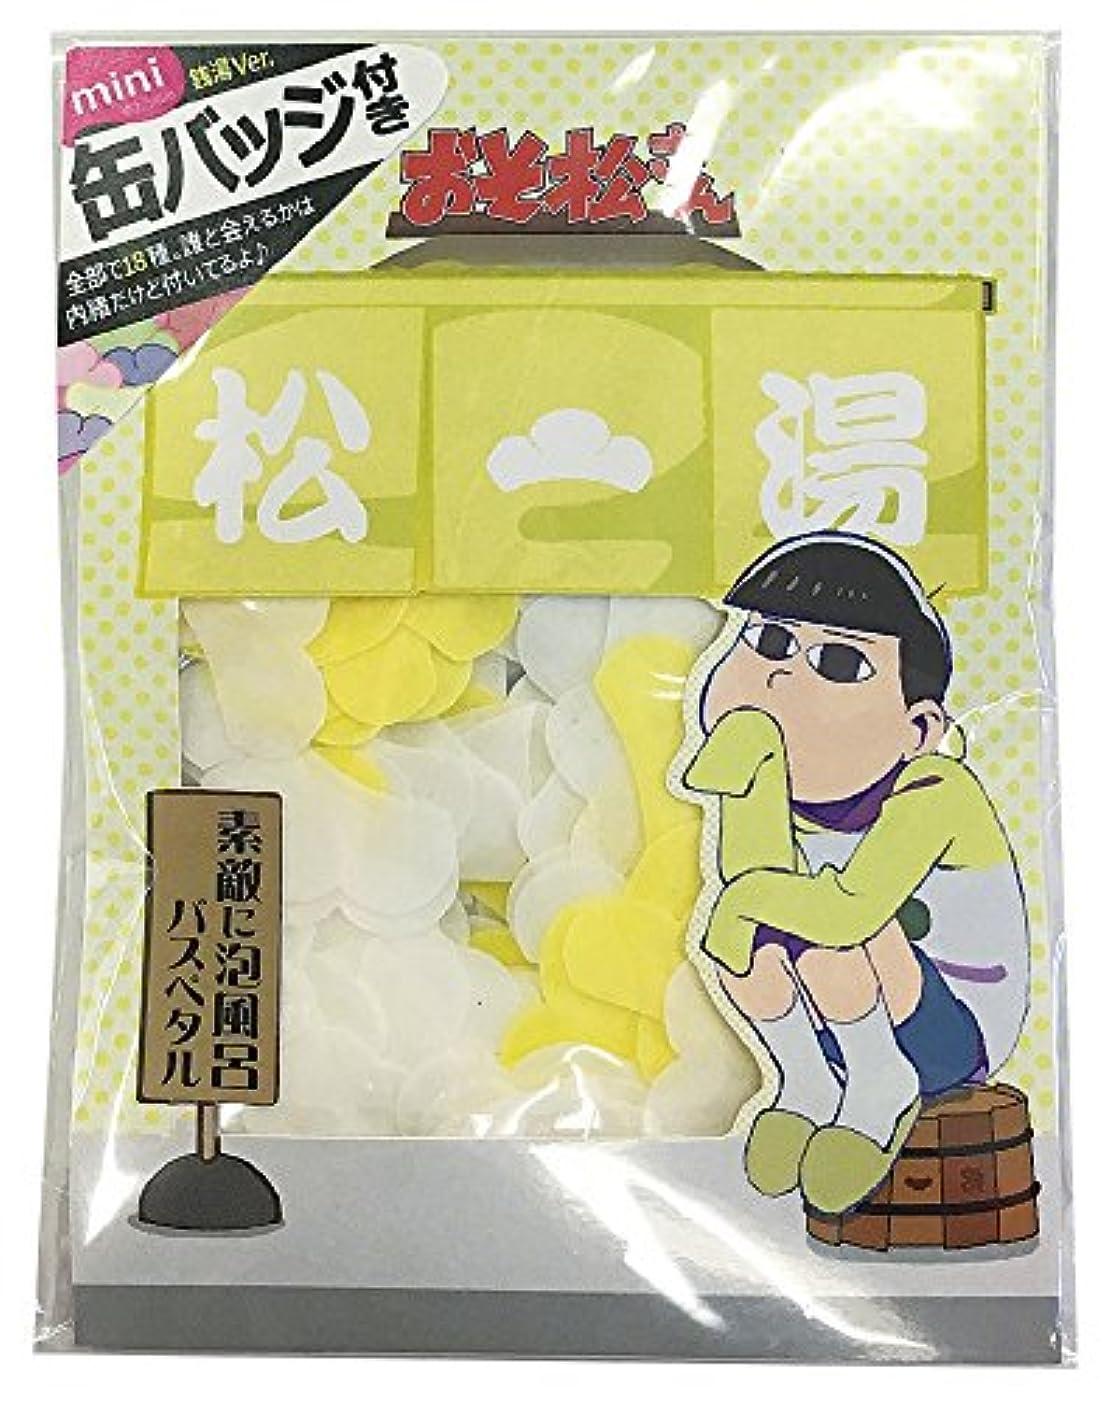 ナイロン藤色保守的おそ松さん 入浴剤 バスペタル 十四松 香り付き ミニ缶バッジ付き ABD-001-005